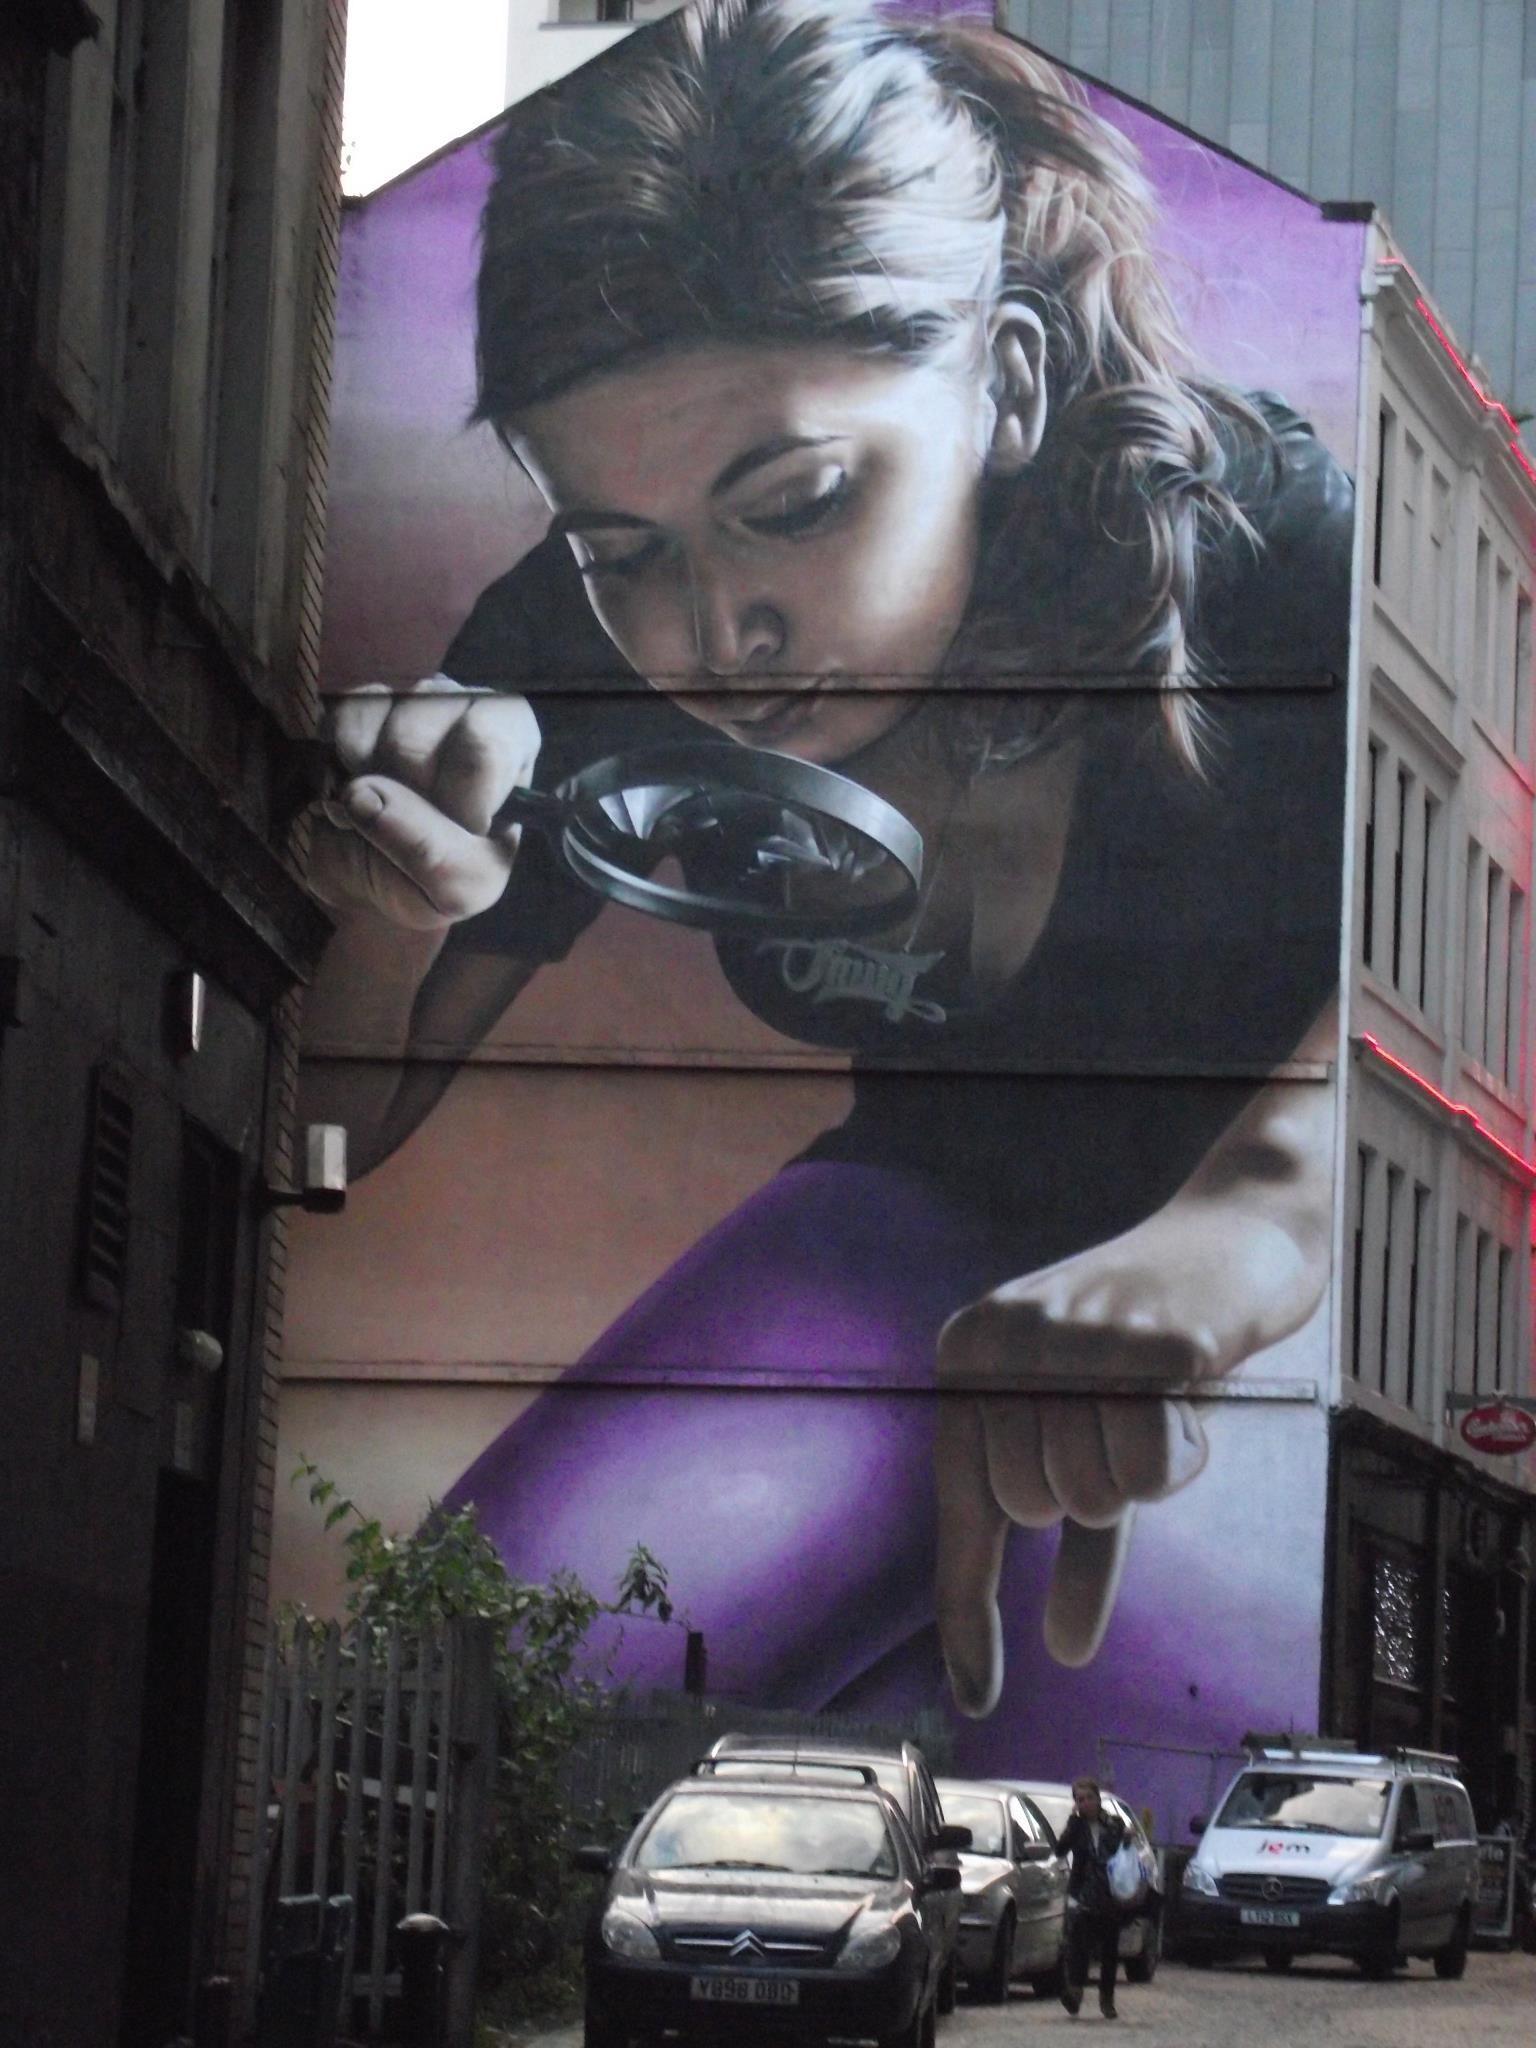 Street Art by Smug in Glasgow, Scotland